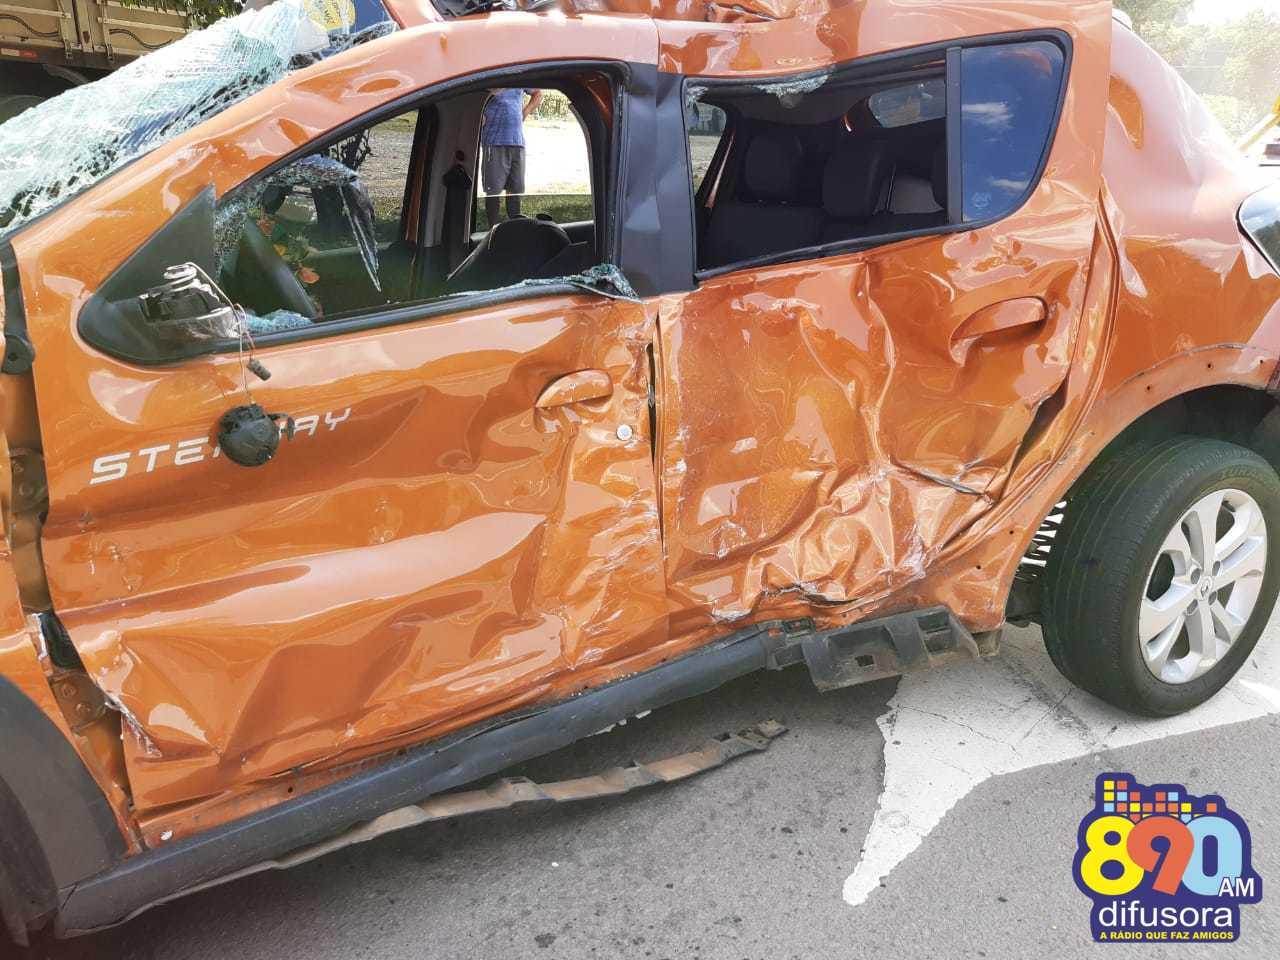 Morre no hospital vítima de acidente no Trevo do Barracão entre Bento e Farroupilha